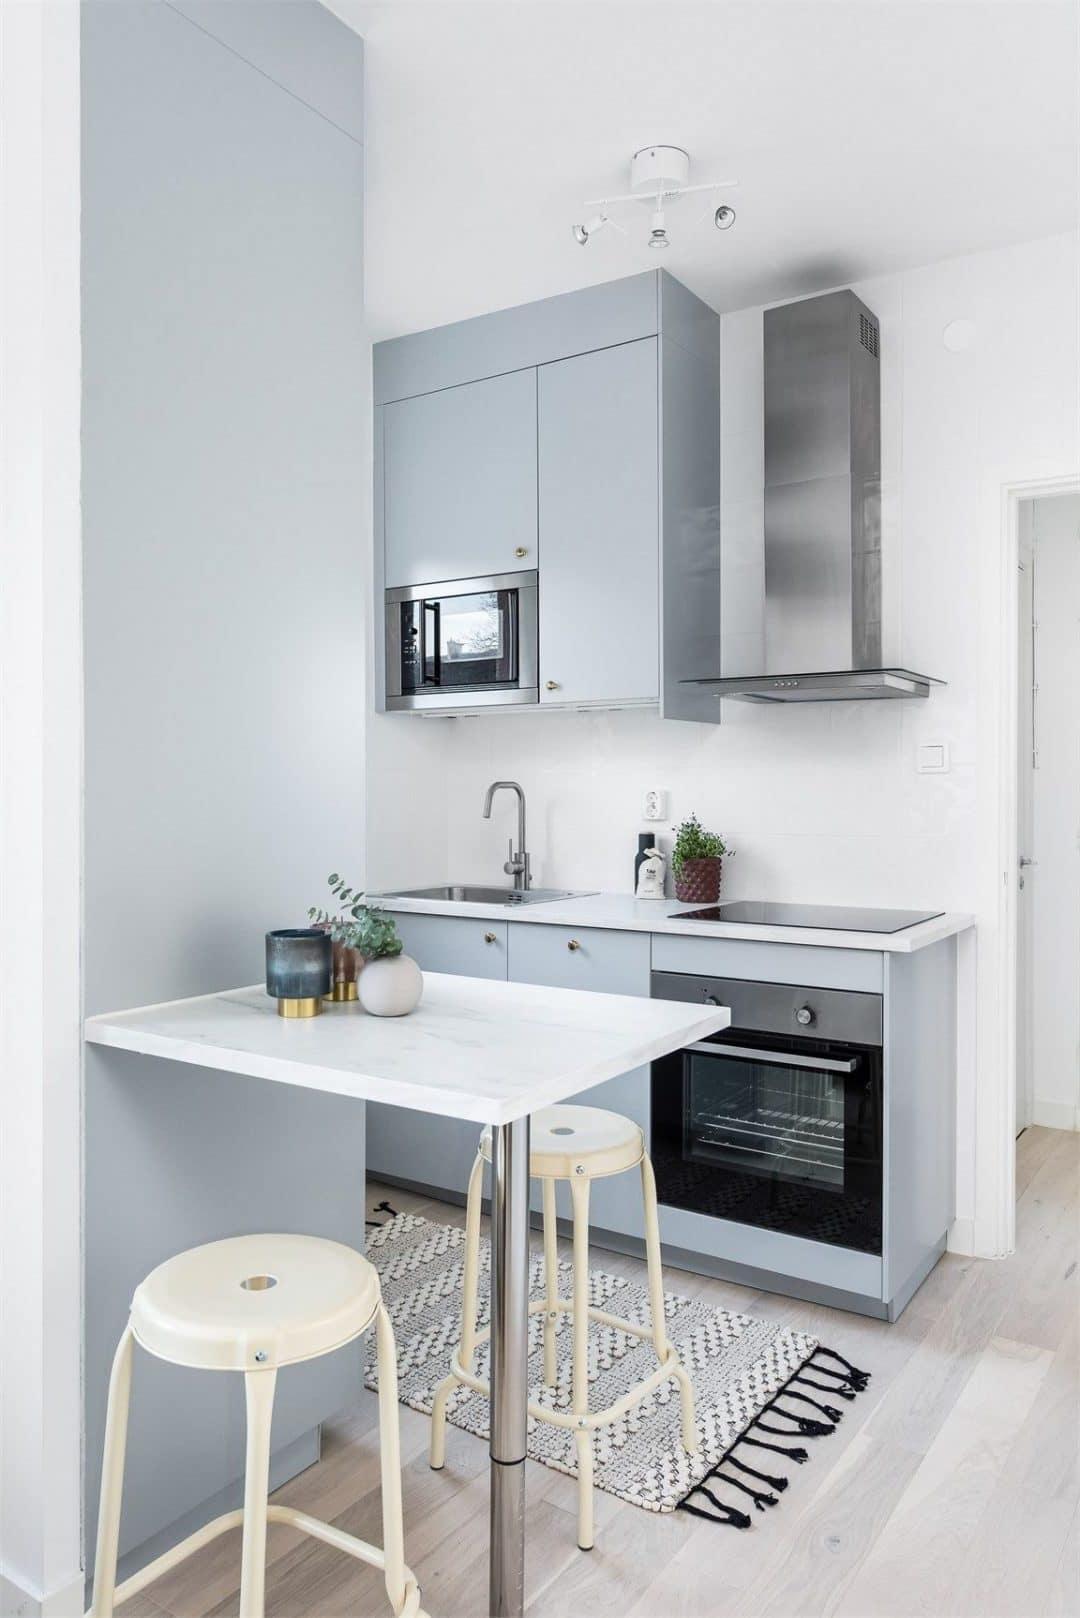 Сегодня очень сложно представить современный ремонт малогабаритной кухни без линолеума на полу